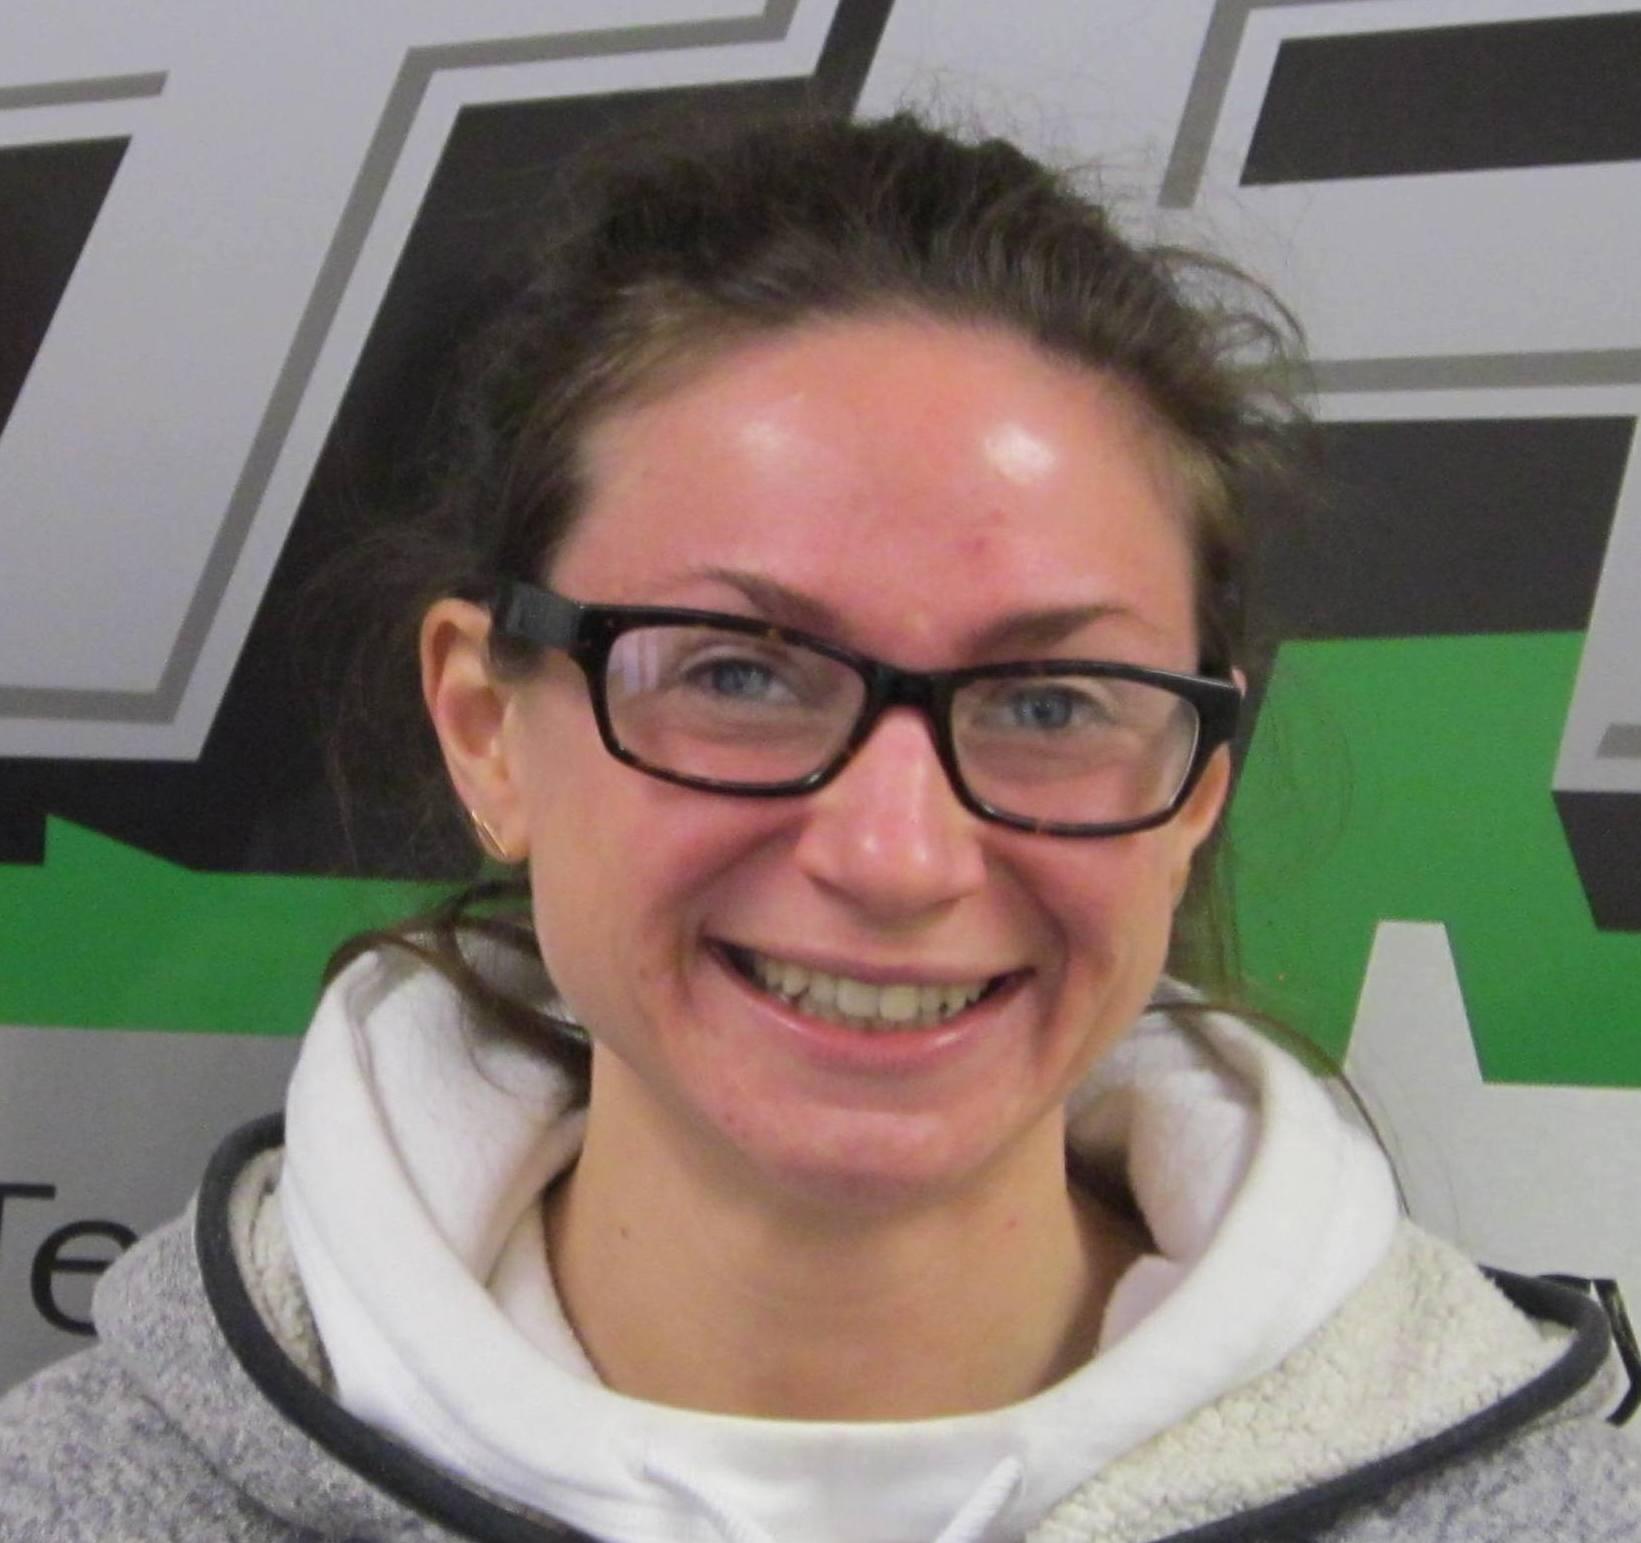 ATR January 2021 Employee Spotlight on Laura Kokanovich